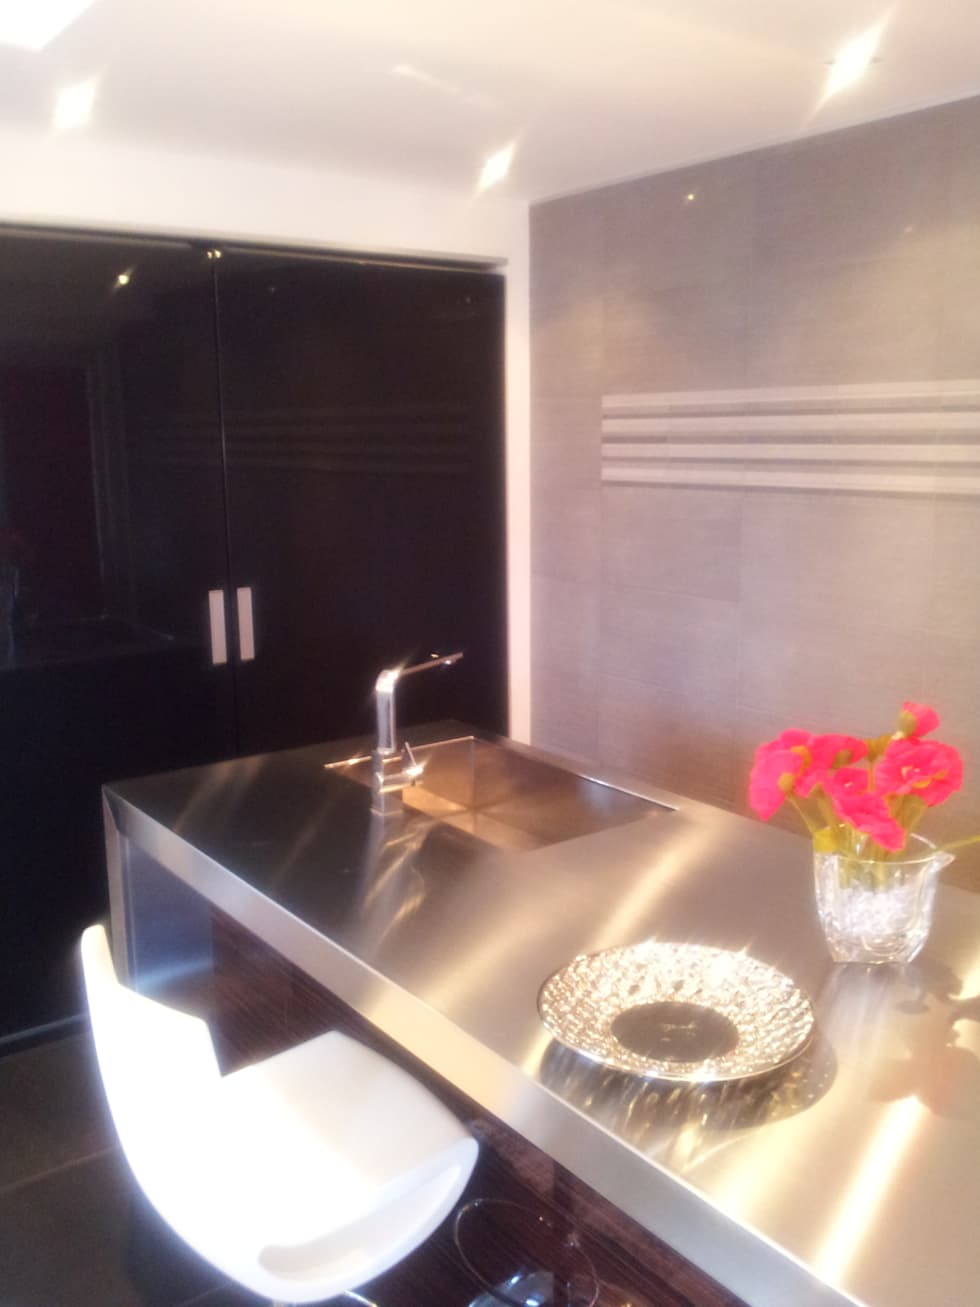 Idee arredamento casa interior design homify for Caratteristiche di interior design della casa colonica